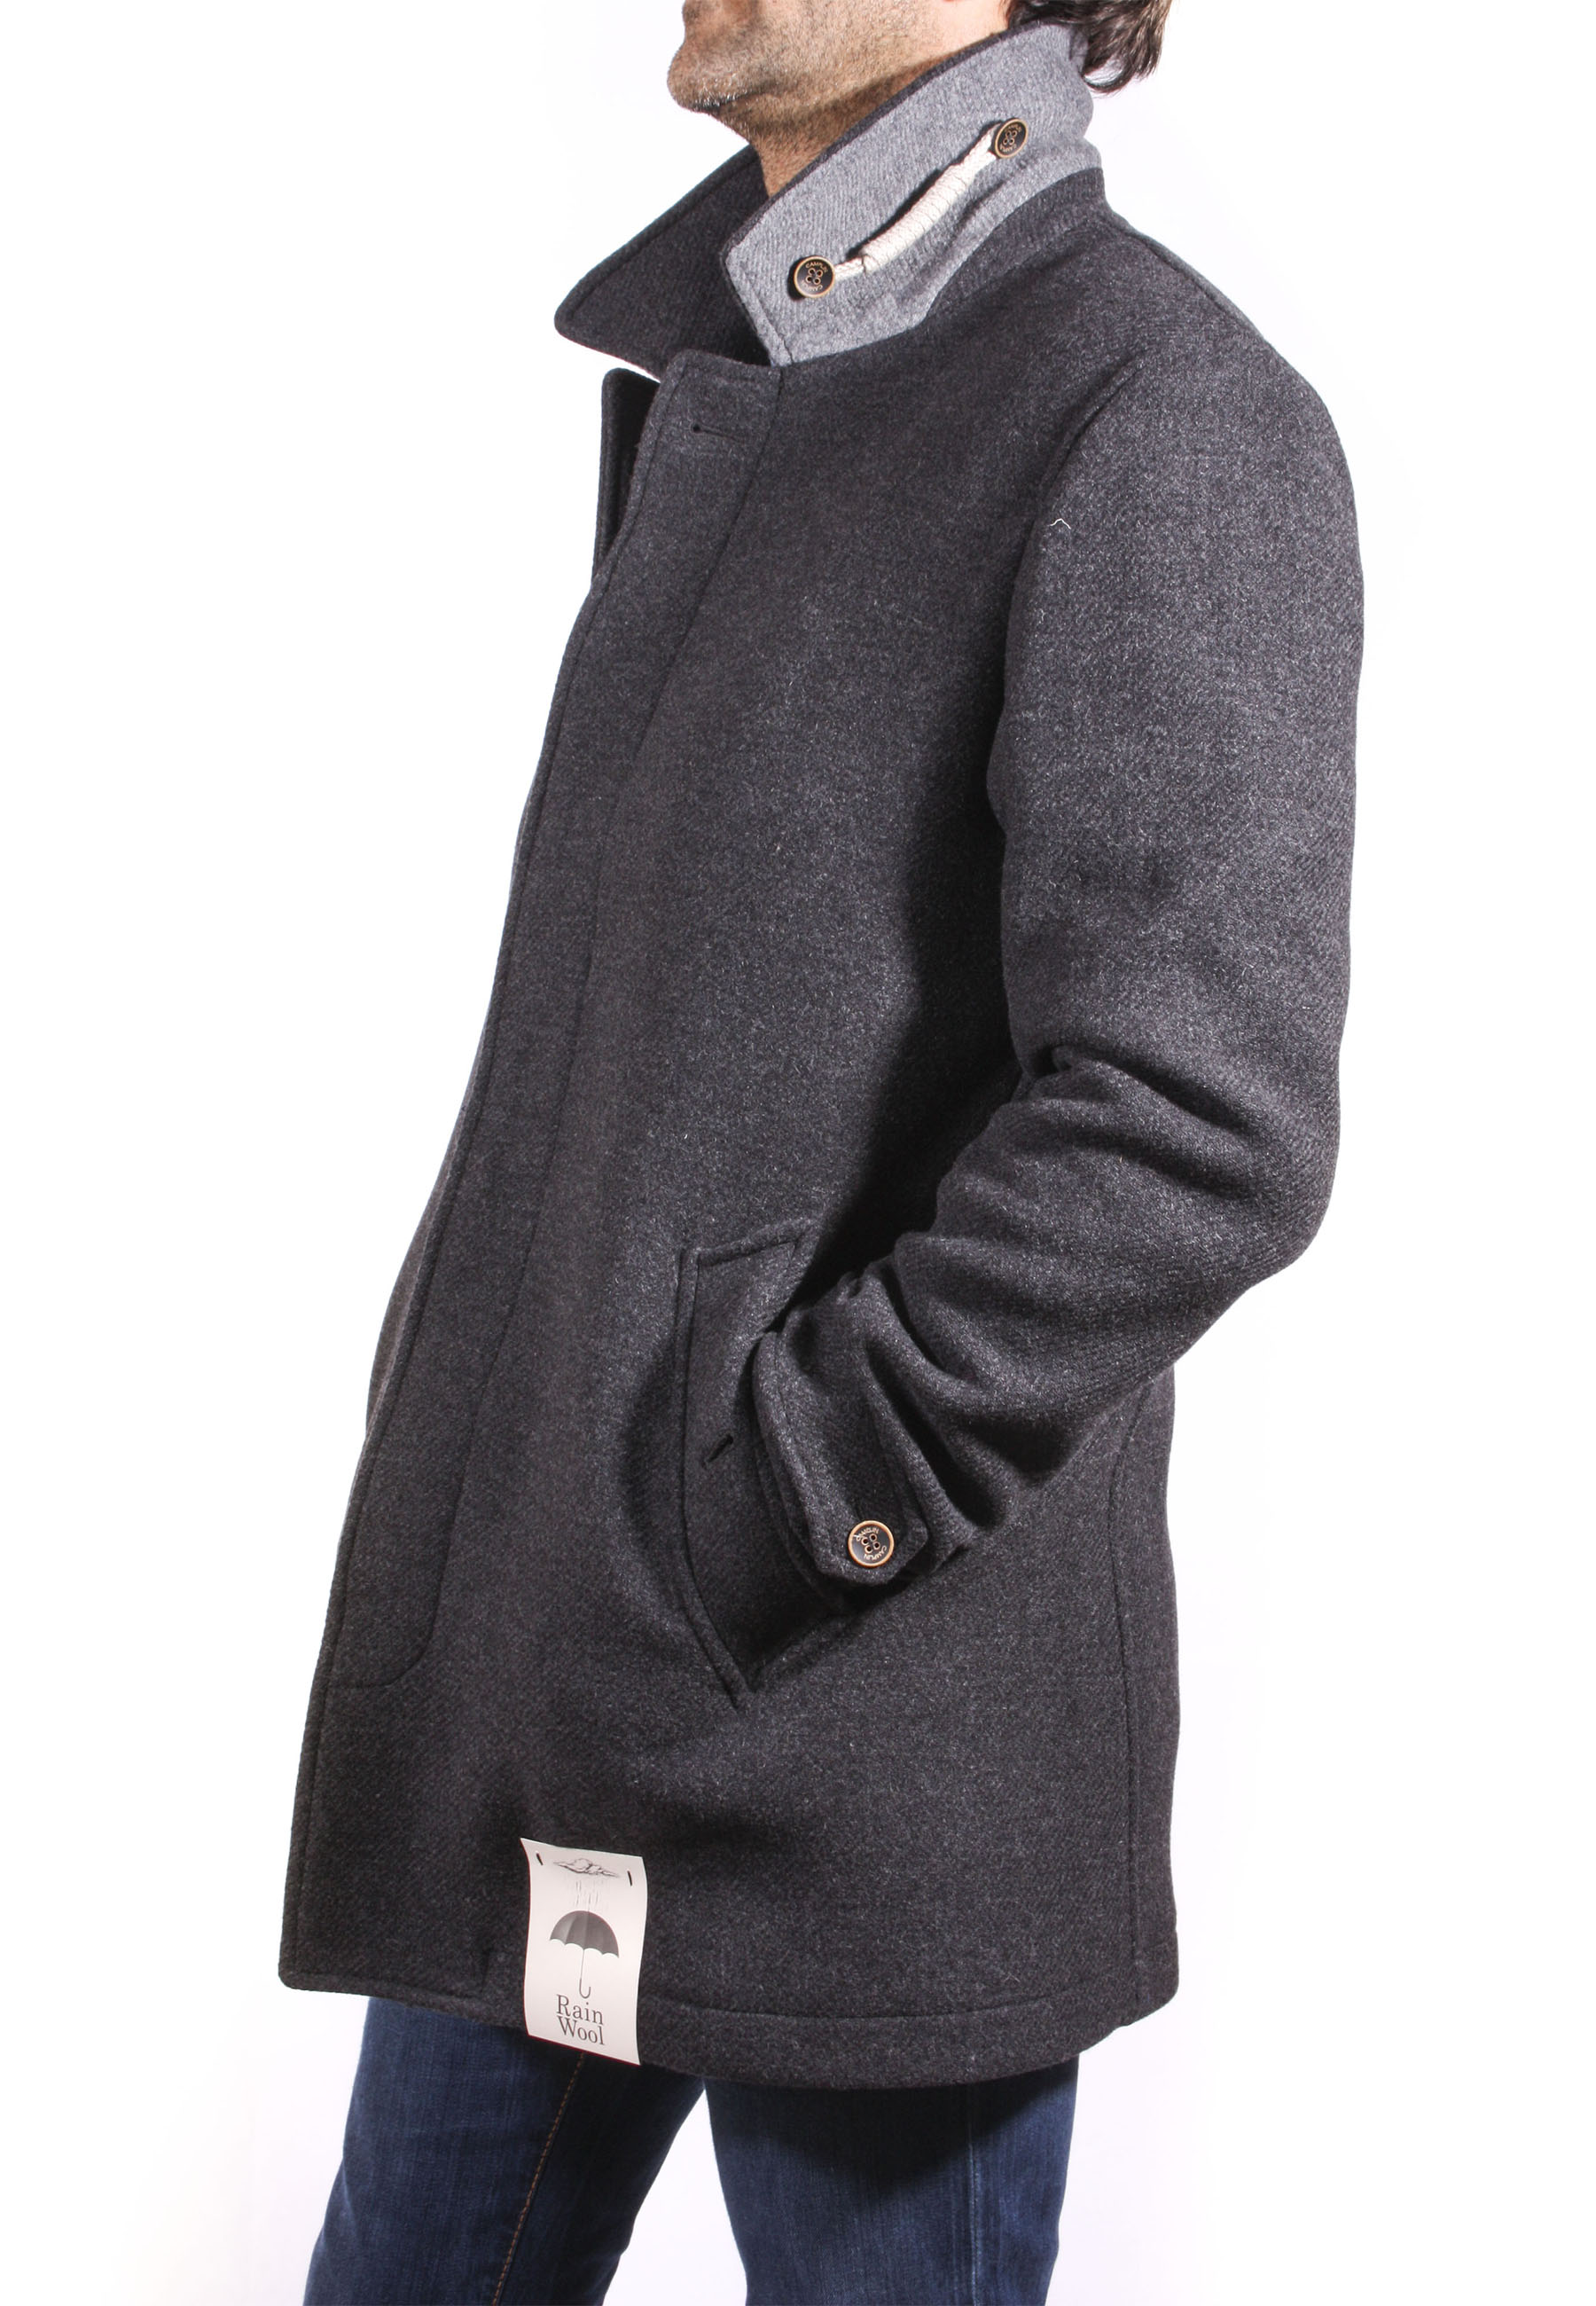 Overcoat Camplin Overcoat Boutique Marino Marino Marino Camplin Boutique Boutique Overcoat Camplin gFqcHSPP